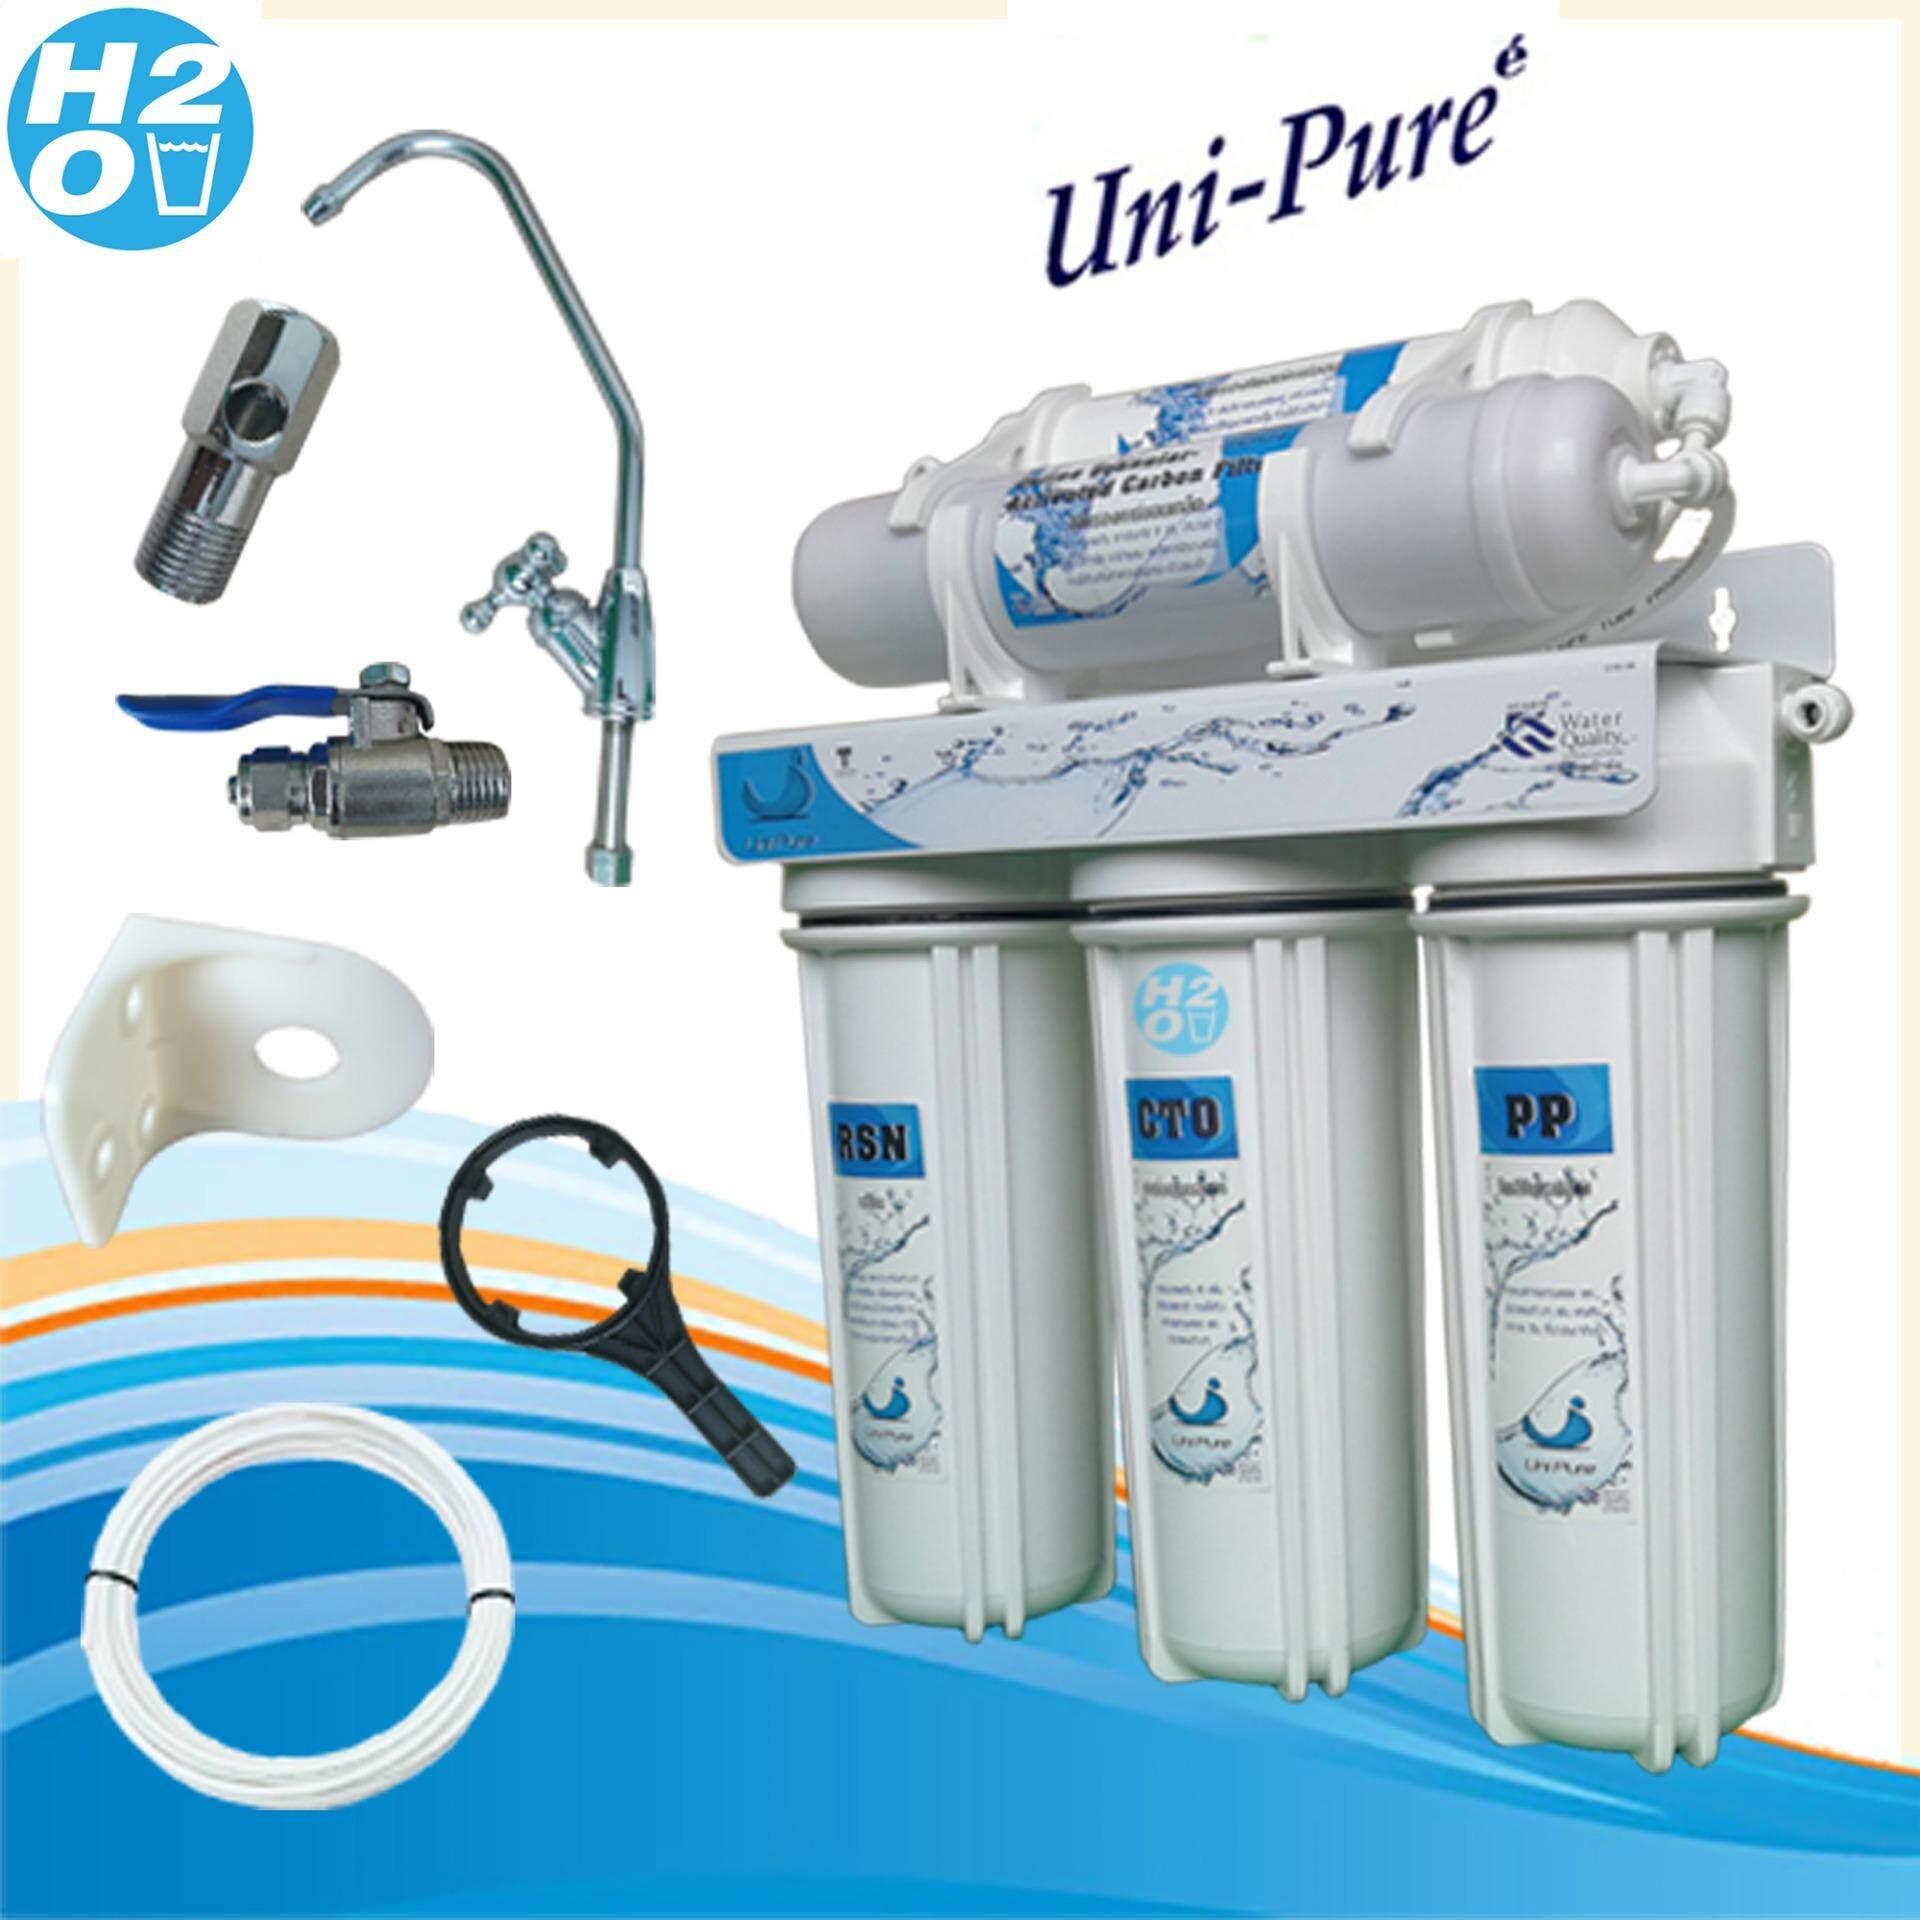 Uni Pure เครื่องกรองน้ำ มาตราฐาน 5 ขั้นตอน